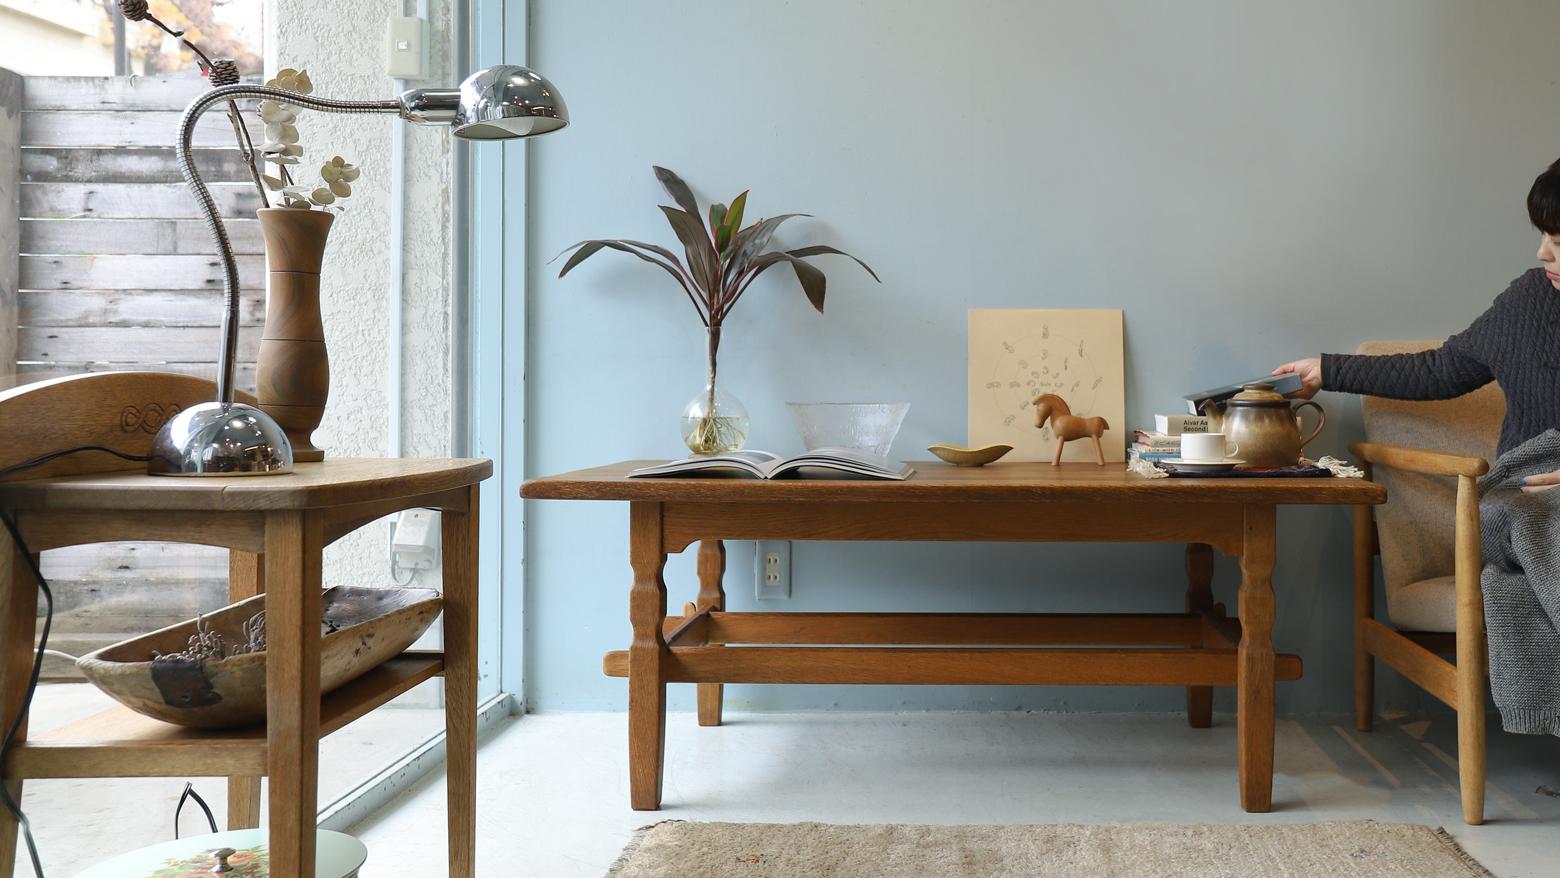 Denmark Vintage Center Table by Henning Kjaernulf for EG KVALITETSMØBEL